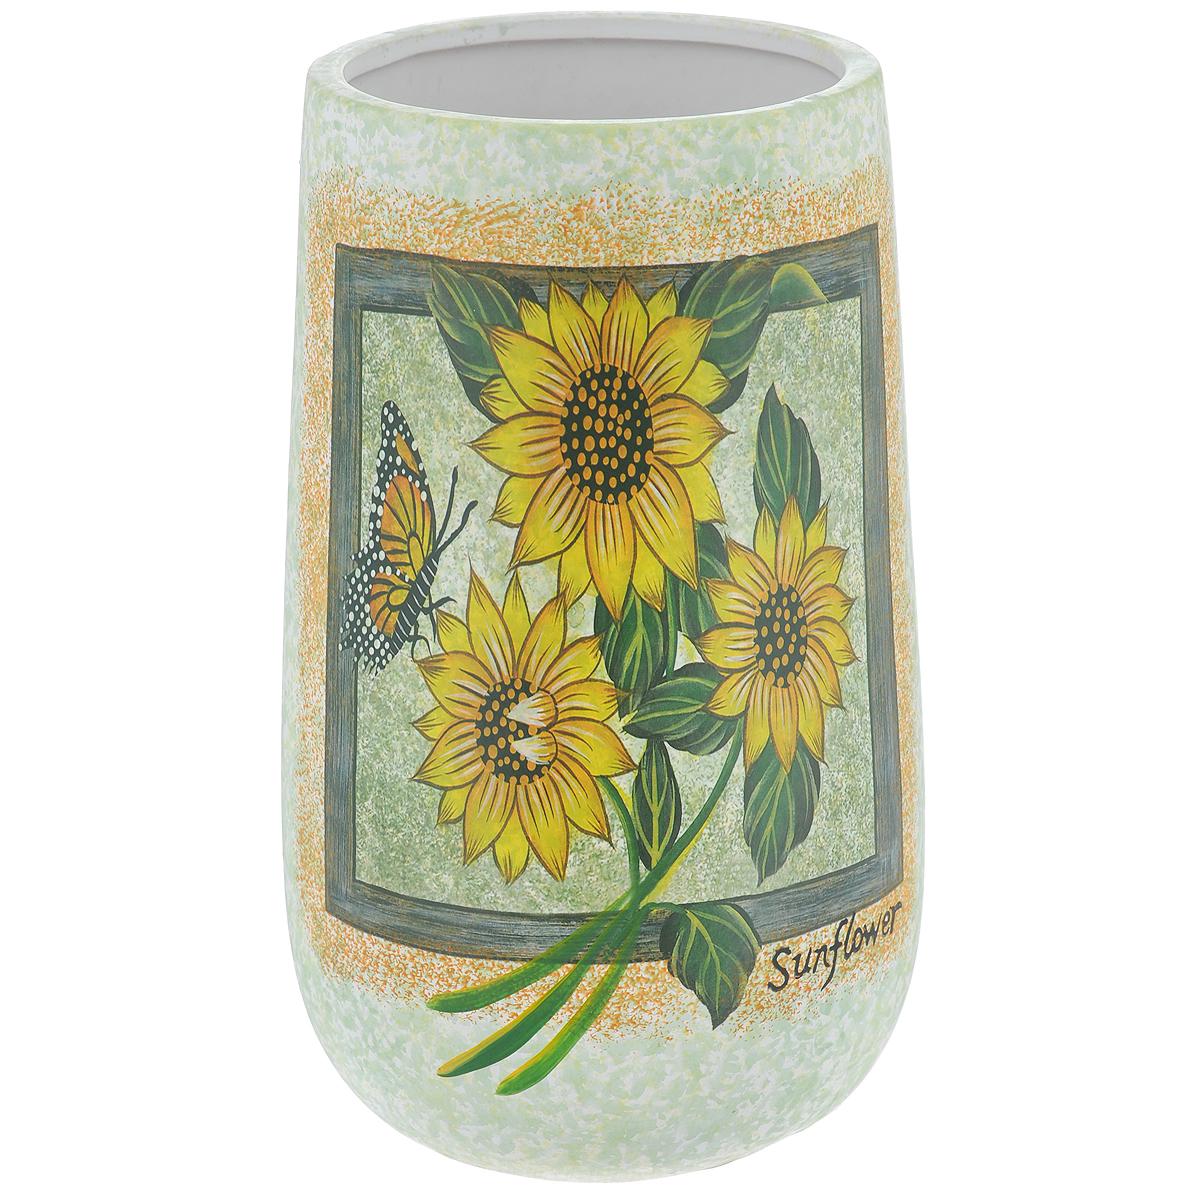 Ваза Lillo Солнечные цветы, высота 24,5 смLil 3045Элегантная ваза Lillo Солнечные цветы выполнена из высококачественной керамики и декорирована рисунком. Она придется по вкусу и ценителям классики, и тем, кто предпочитает утонченность и изящность. Вы можете поставить вазу в любом месте, где она будет удачно смотреться и радовать глаз. Такая ваза подойдет и для цветов, и для декора интерьера. Кроме того - это отличный вариант подарка для ваших близких и друзей. Высота вазы: 24,5 см.